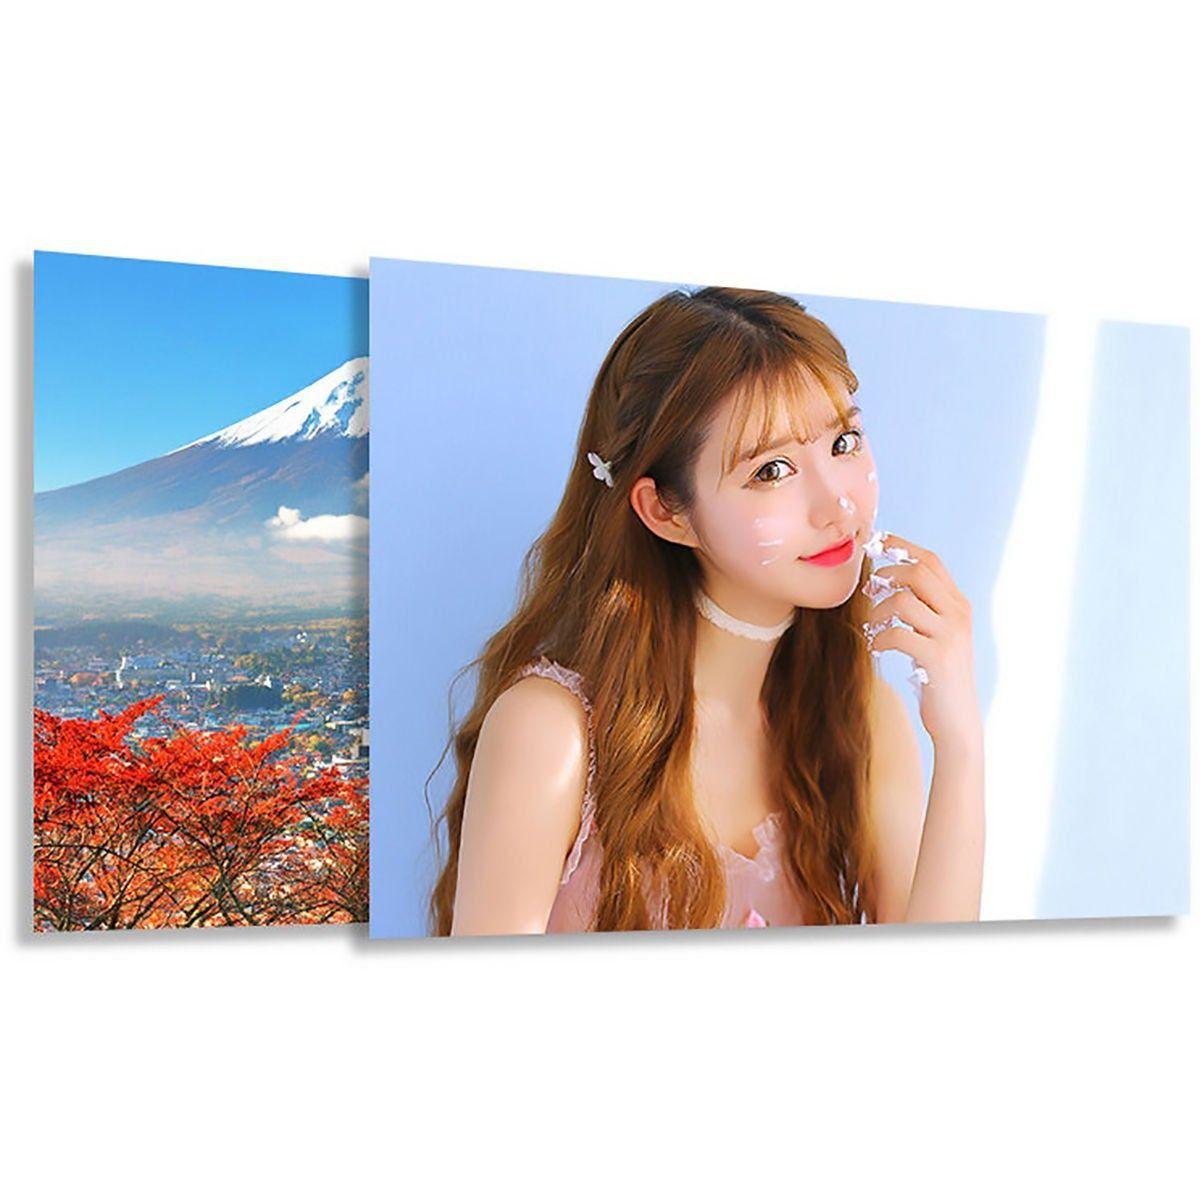 Papel Fotográfico A4 230g Glossy Branco Brilhante Resistente à Água / 400 folhas